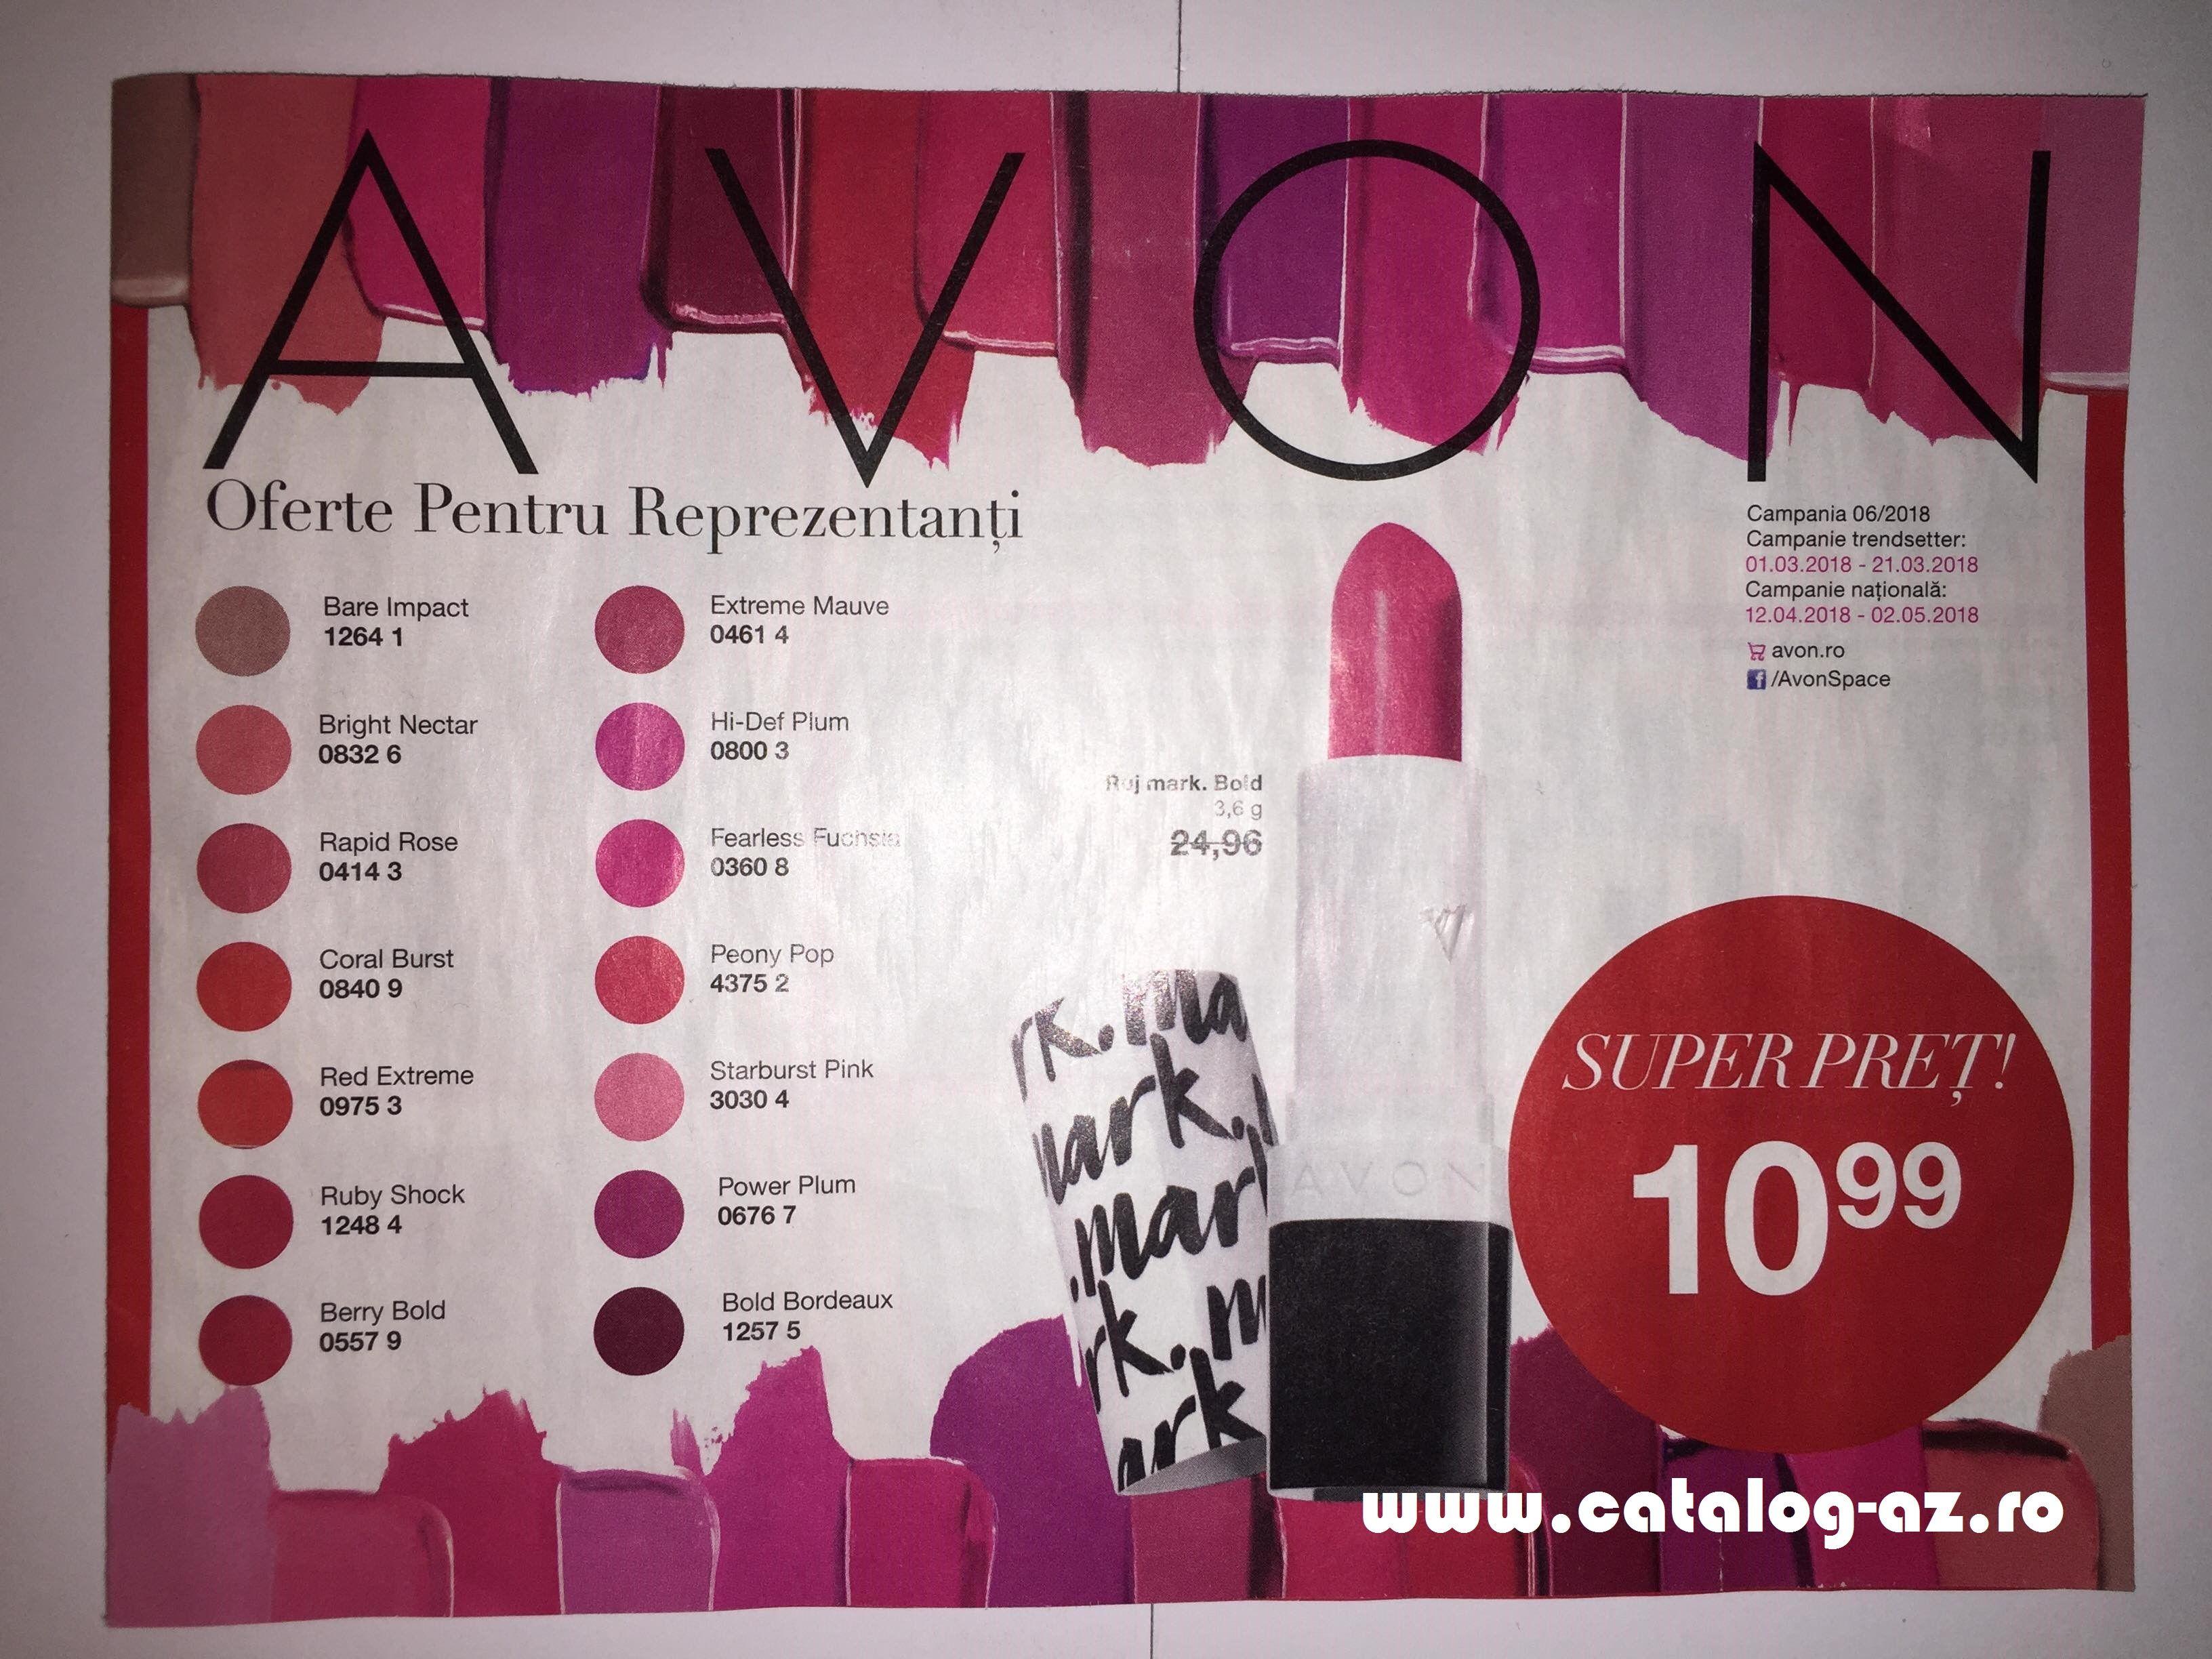 Catalog Avon Oferte Pentru Reprezentanti C6 2018 Cosmetice